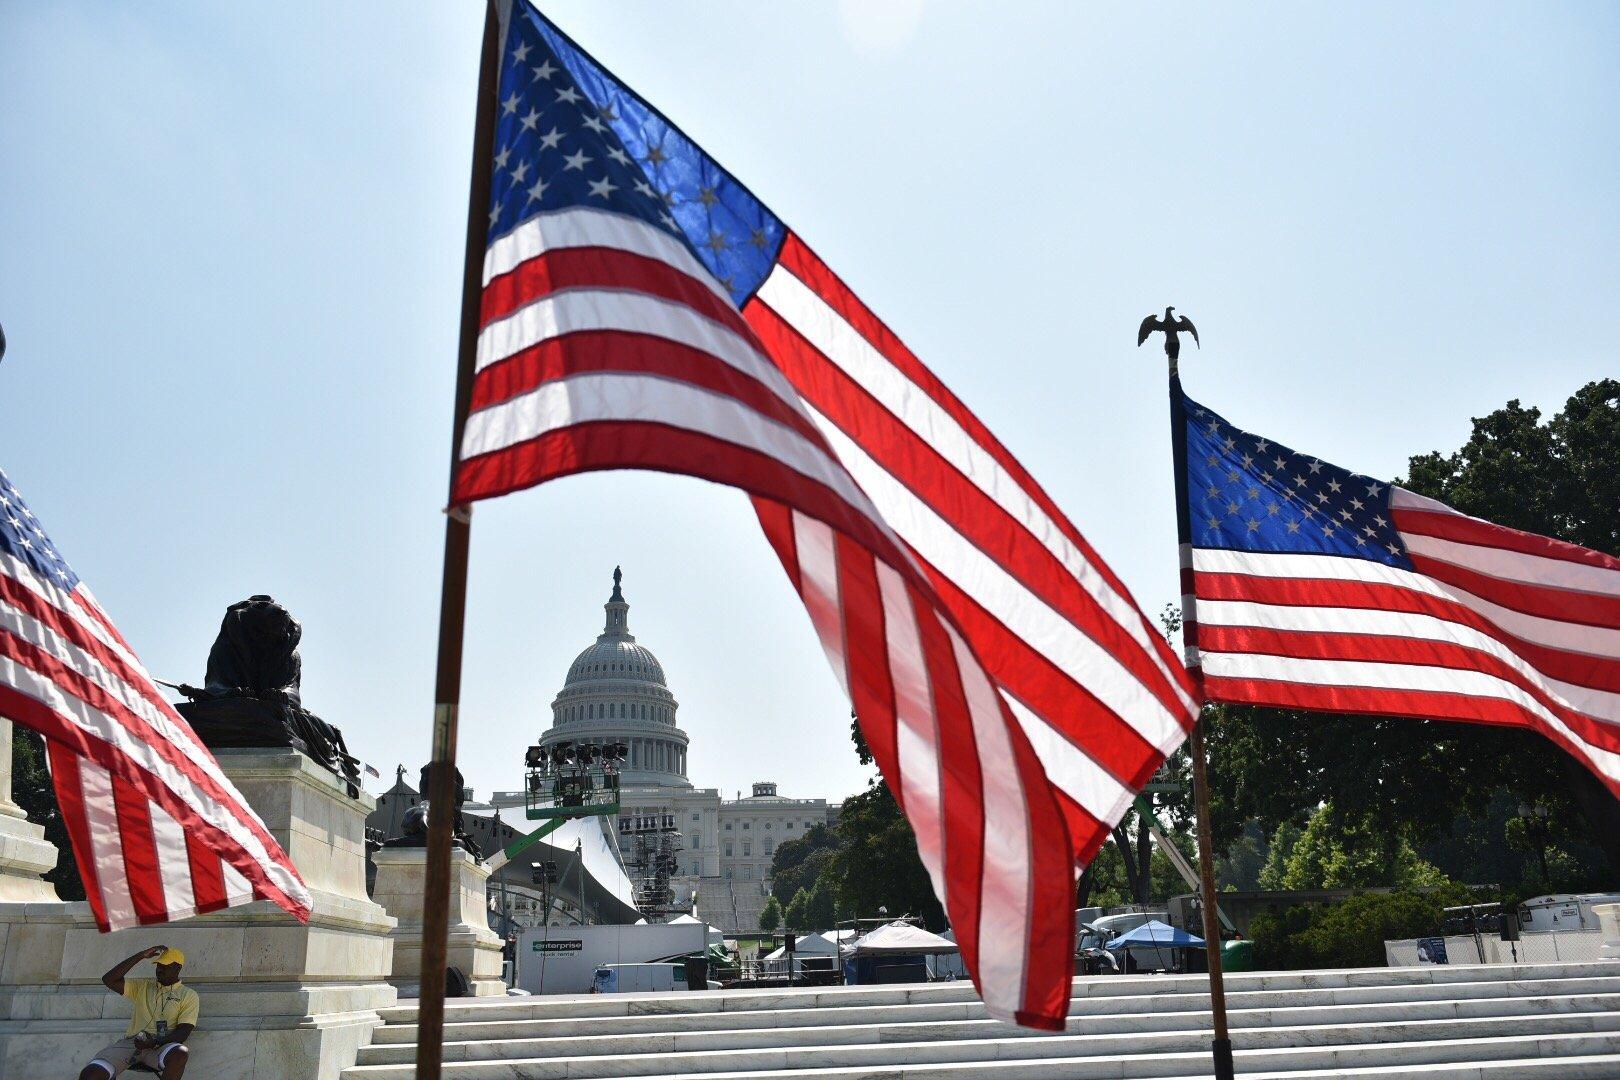 美國聯邦檢察官周四(1月14日)起訴、逮捕了麻省理工學院(MIT)教授陳剛(Gang Chen)。圖為美國國旗資料照。(MANDEL NGAN/AFP via Getty Images)